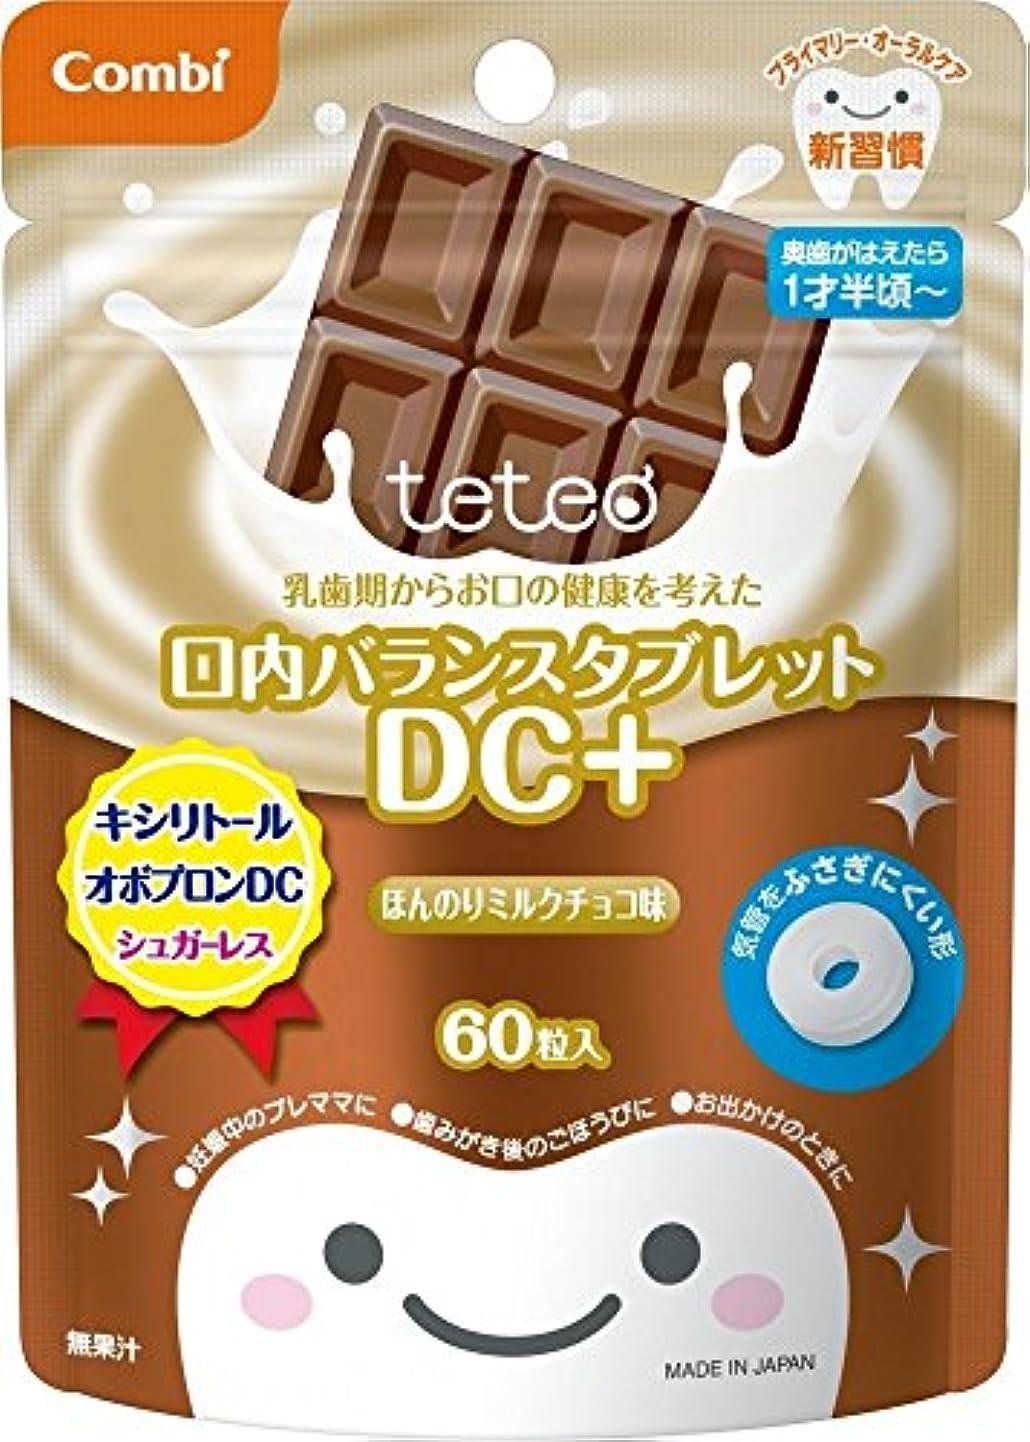 休戦囲む苗コンビ テテオ 乳歯期からお口の健康を考えた口内バランスタブレット DC+ ほんのりミルクチョコ味 60粒